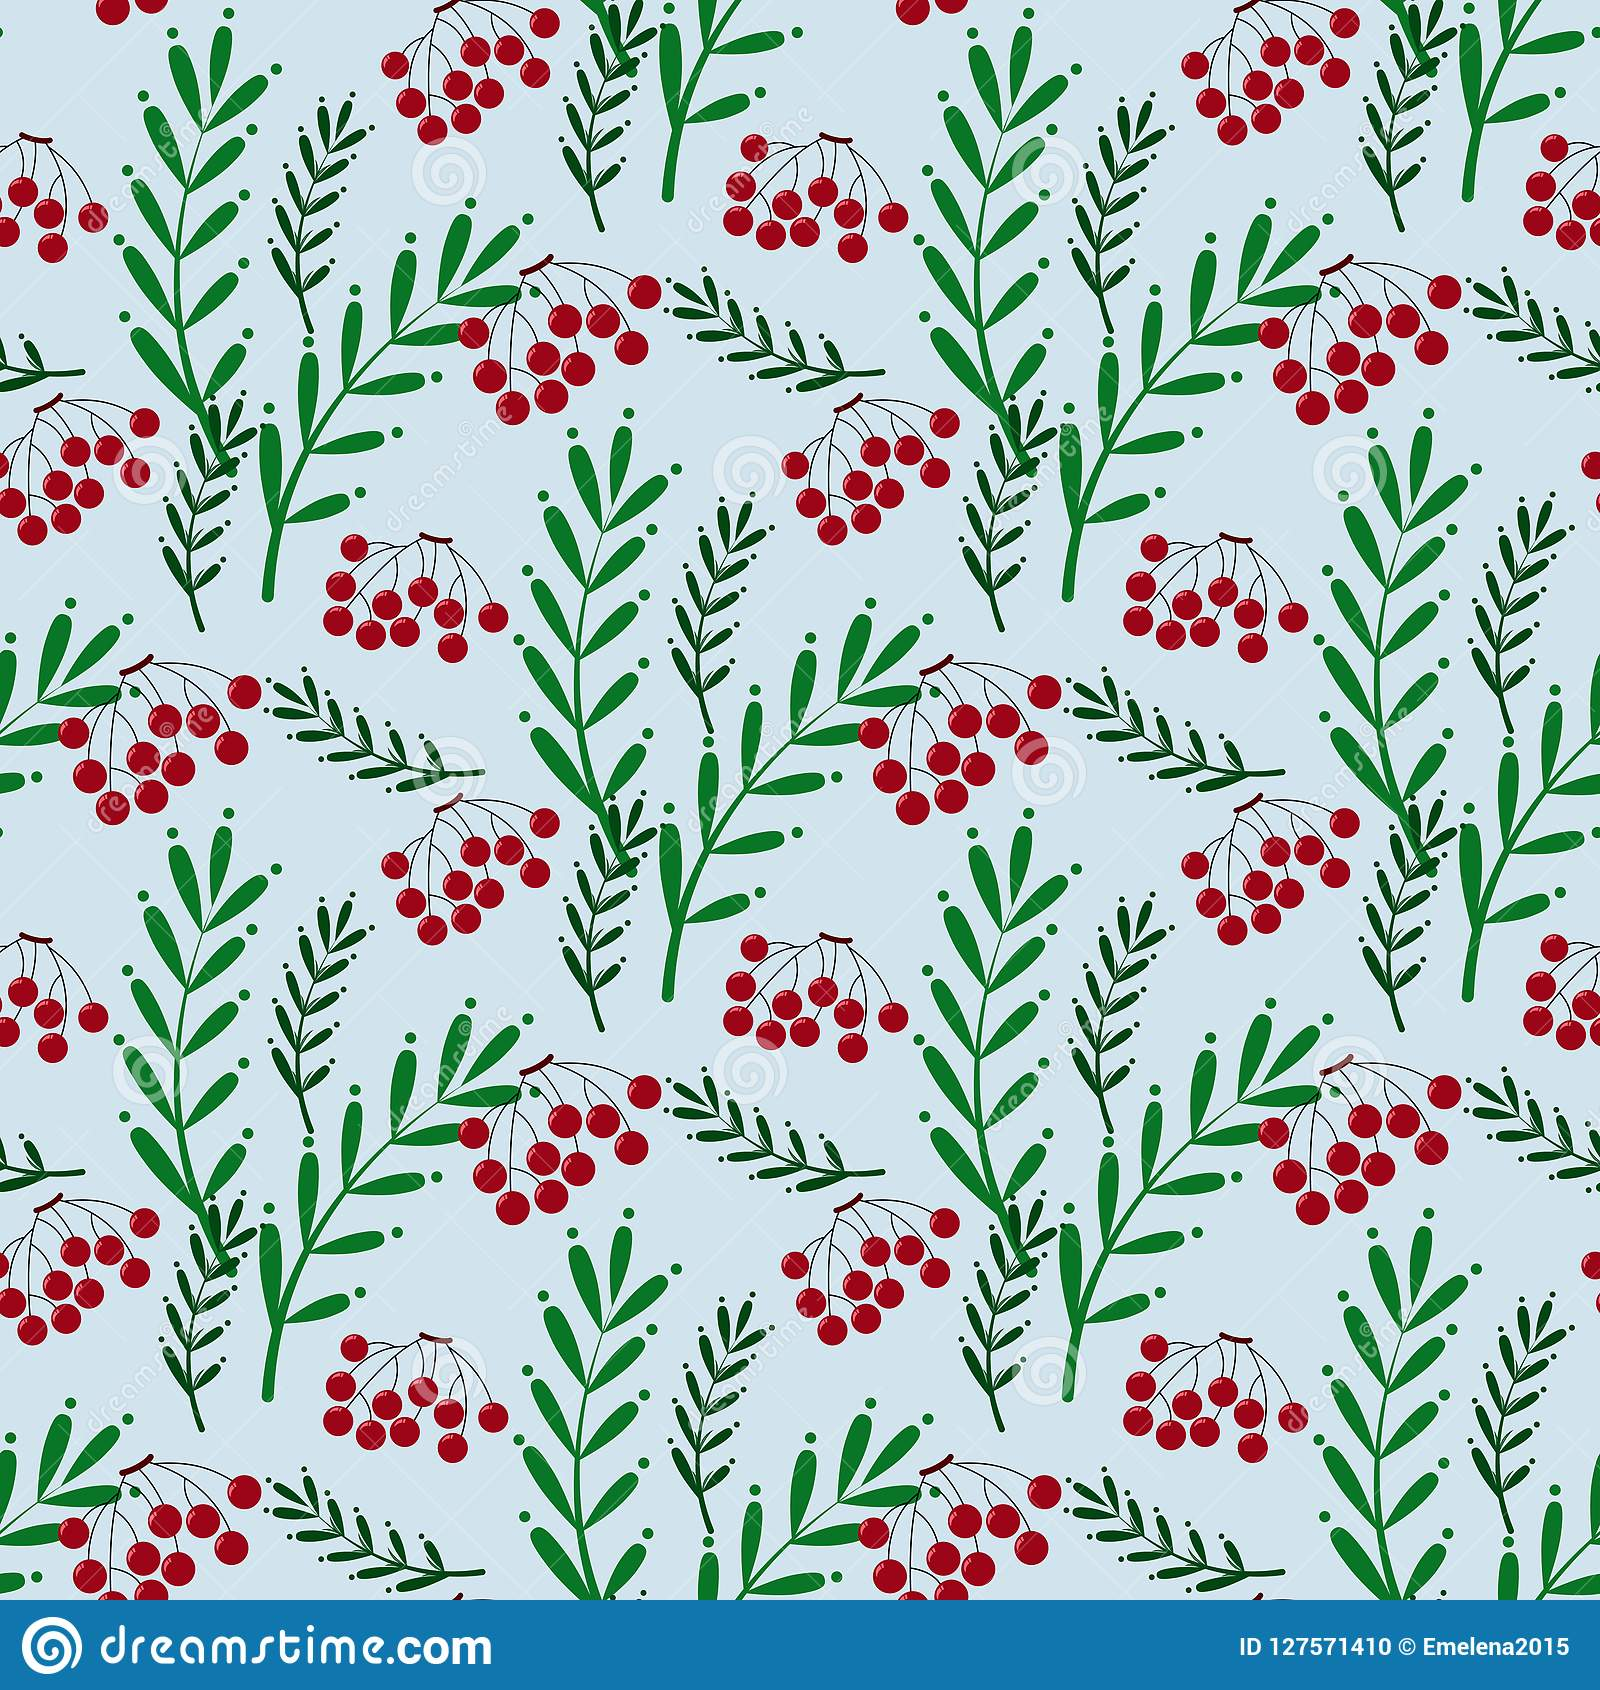 Kleurrijk naadloos patroon met ashberry en bladeren